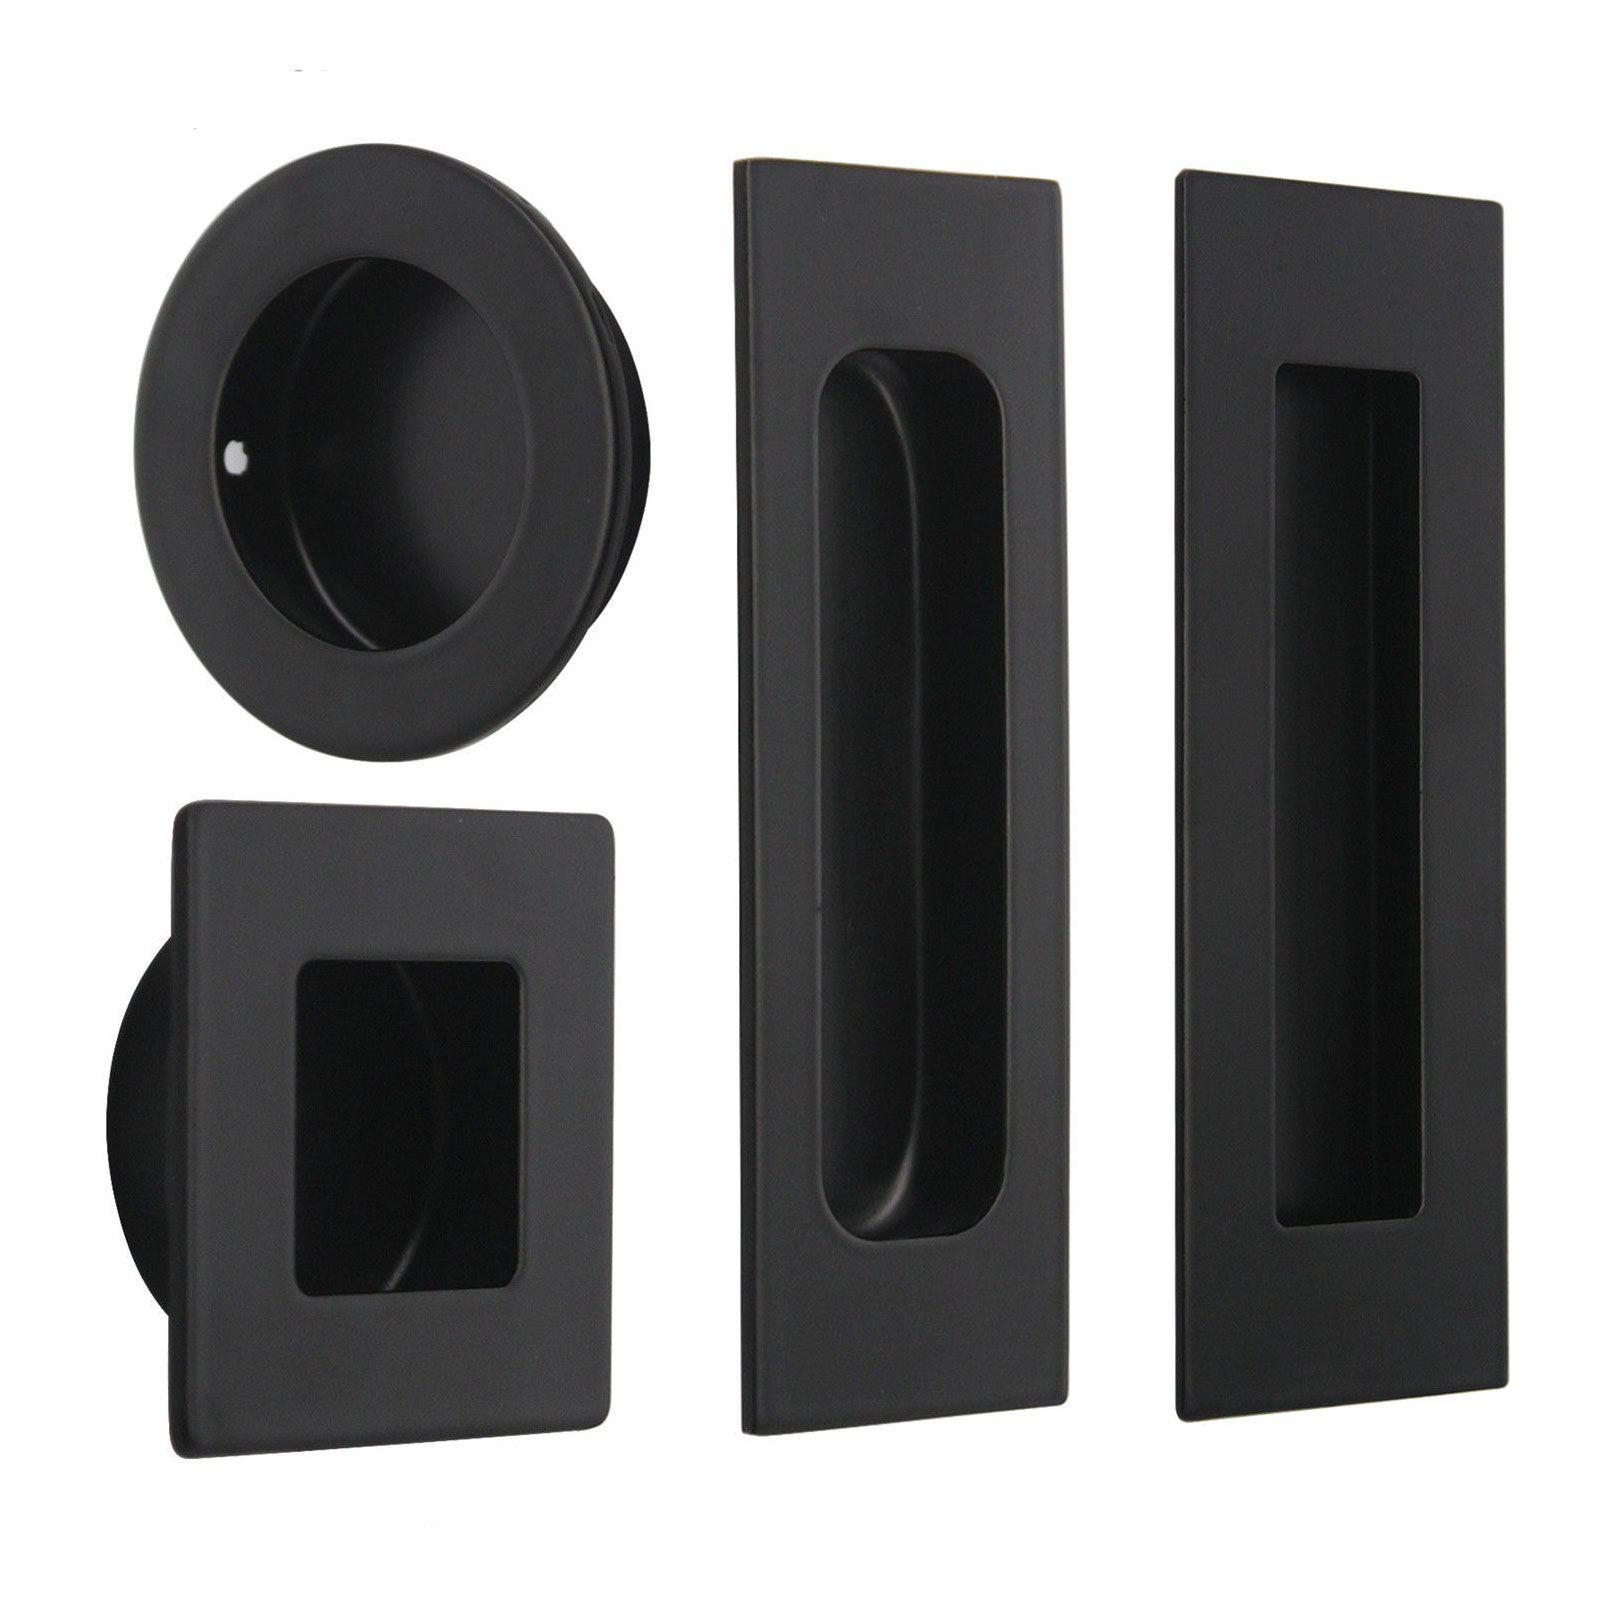 Probrico Black Finish Flush Door Pull Recessed Cabinet Handles